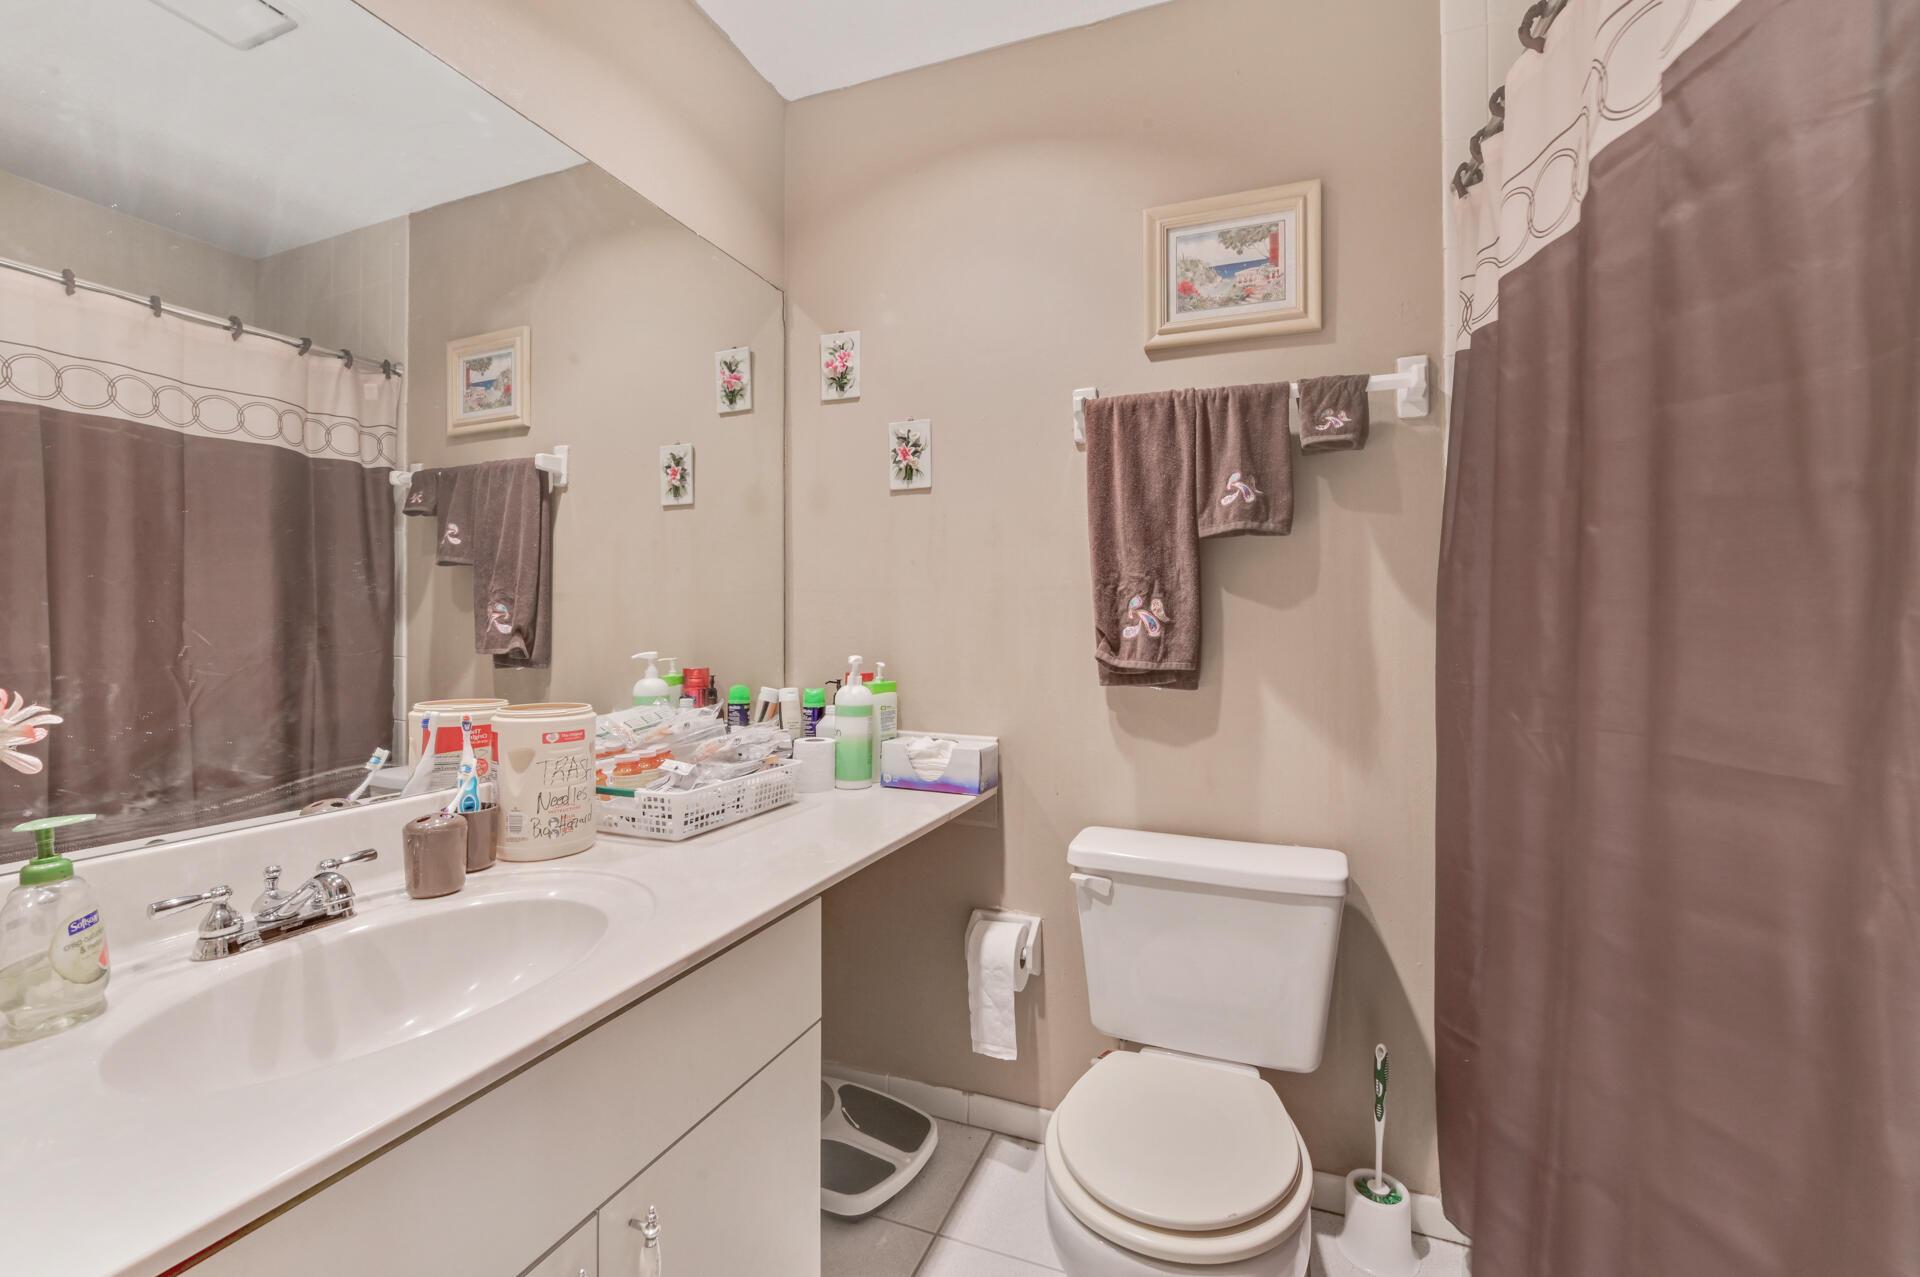 1020-08 Washroom_001